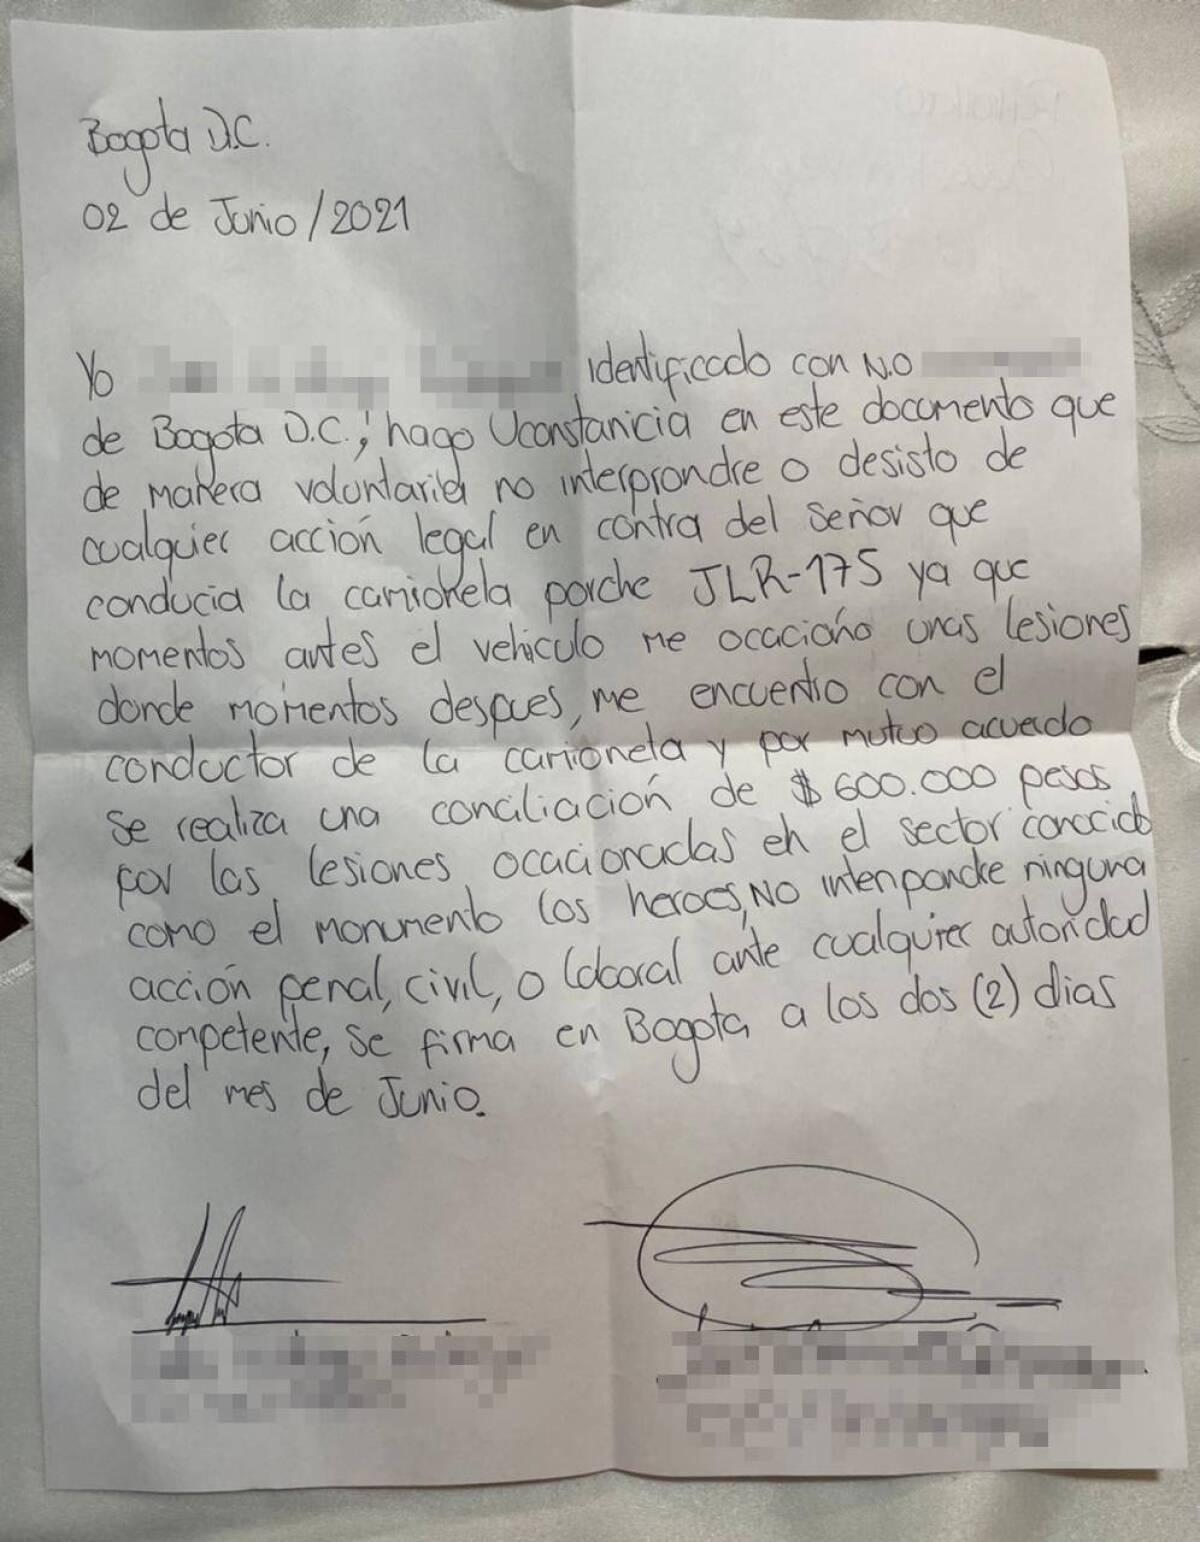 ACUERDO ENTRE MANIFESTANTE Y EL DUEÑO DEL PORSHE.jpeg